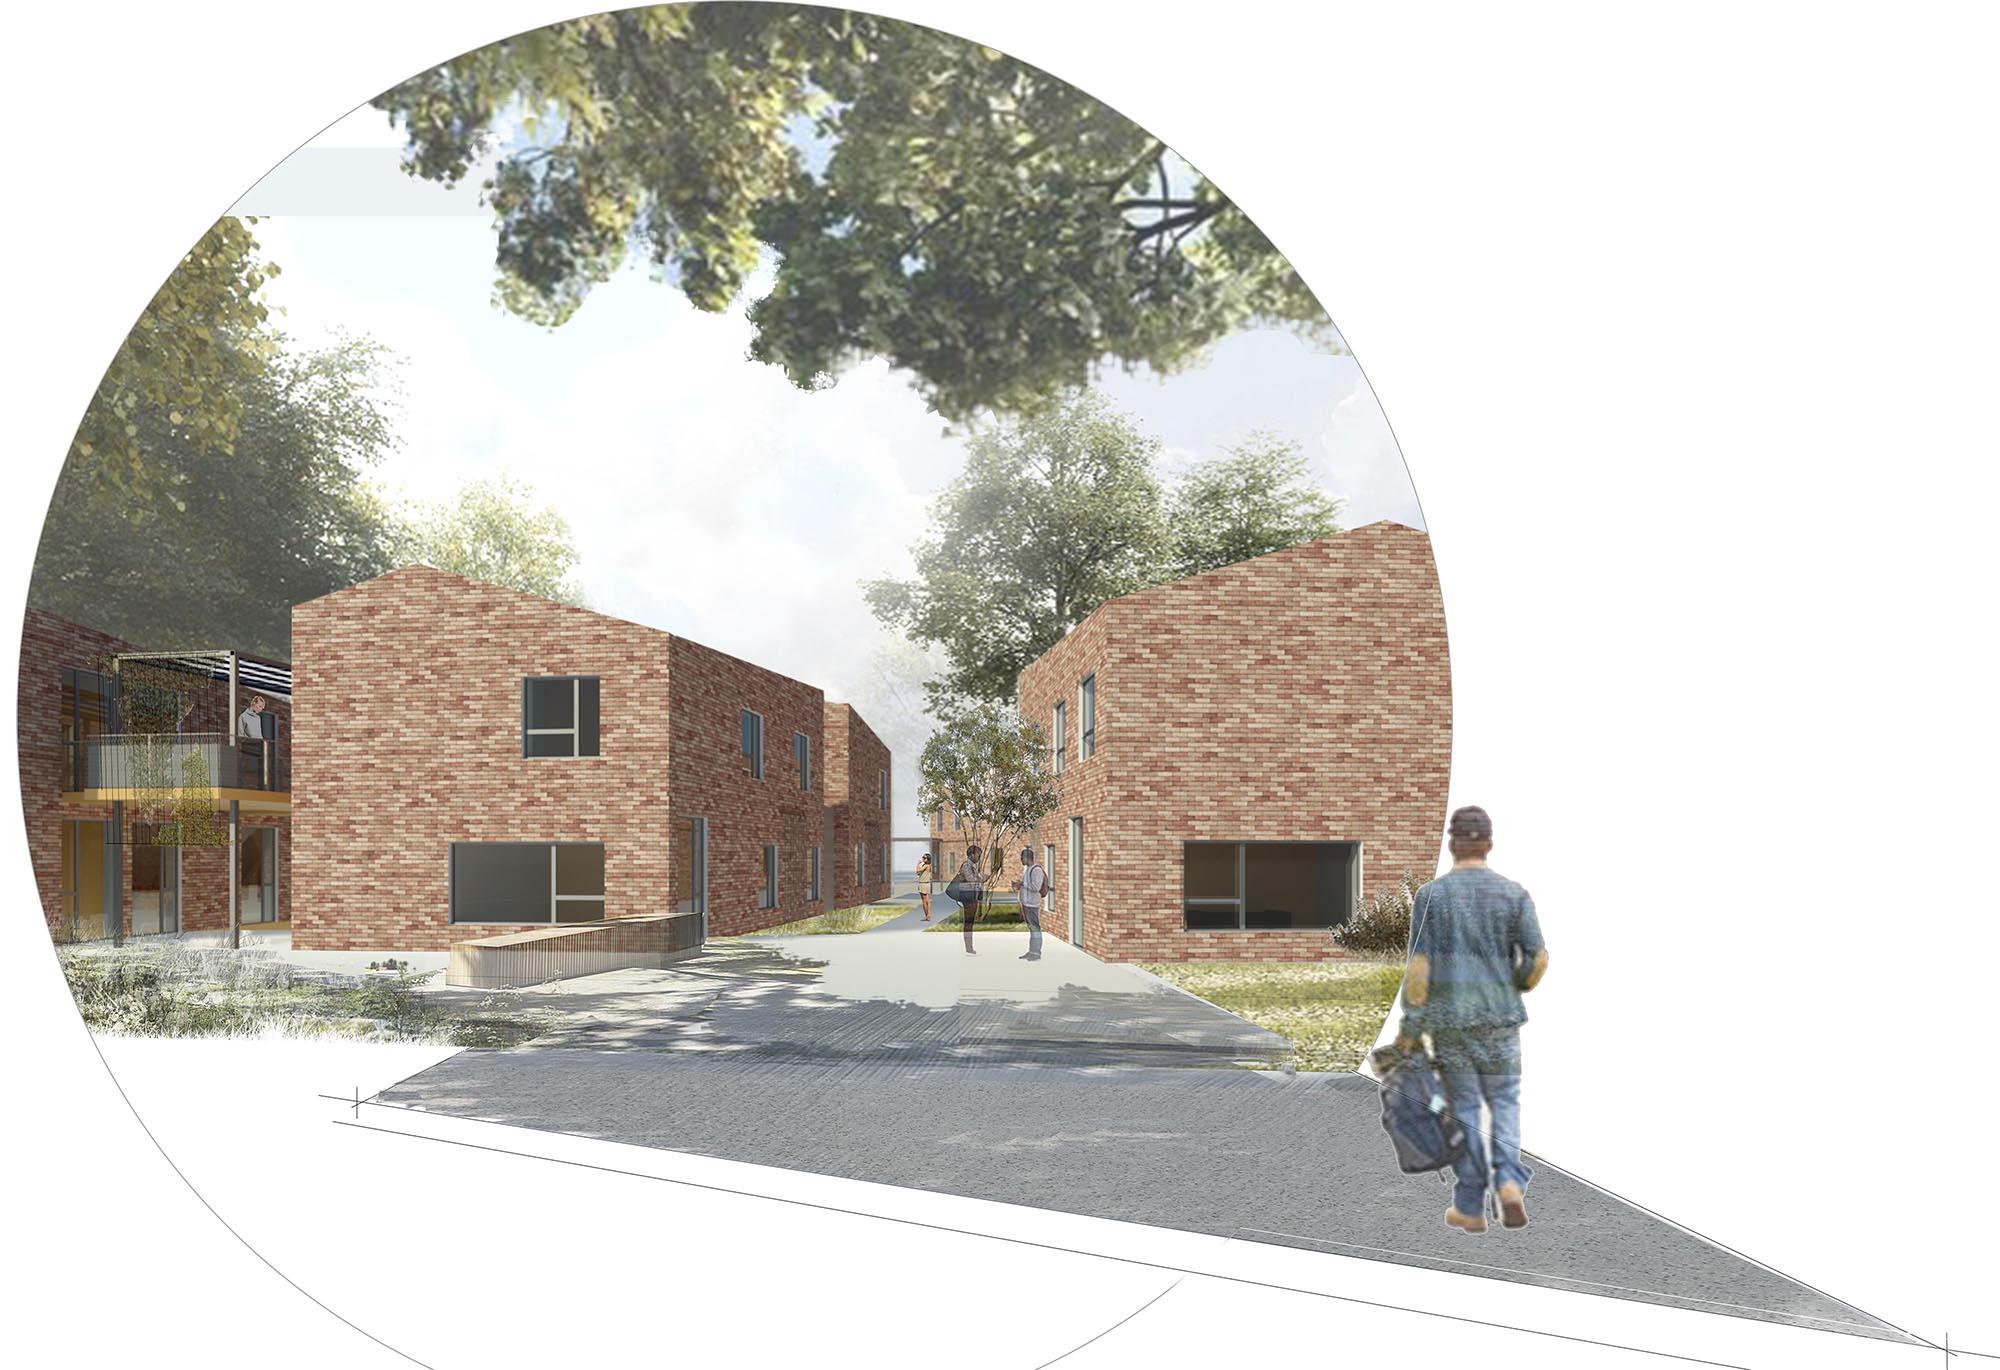 Seuil architecture - Eco-campus de l'école supérieure de La Raque - Quatre bâtiments de logements étudiants interconnectés